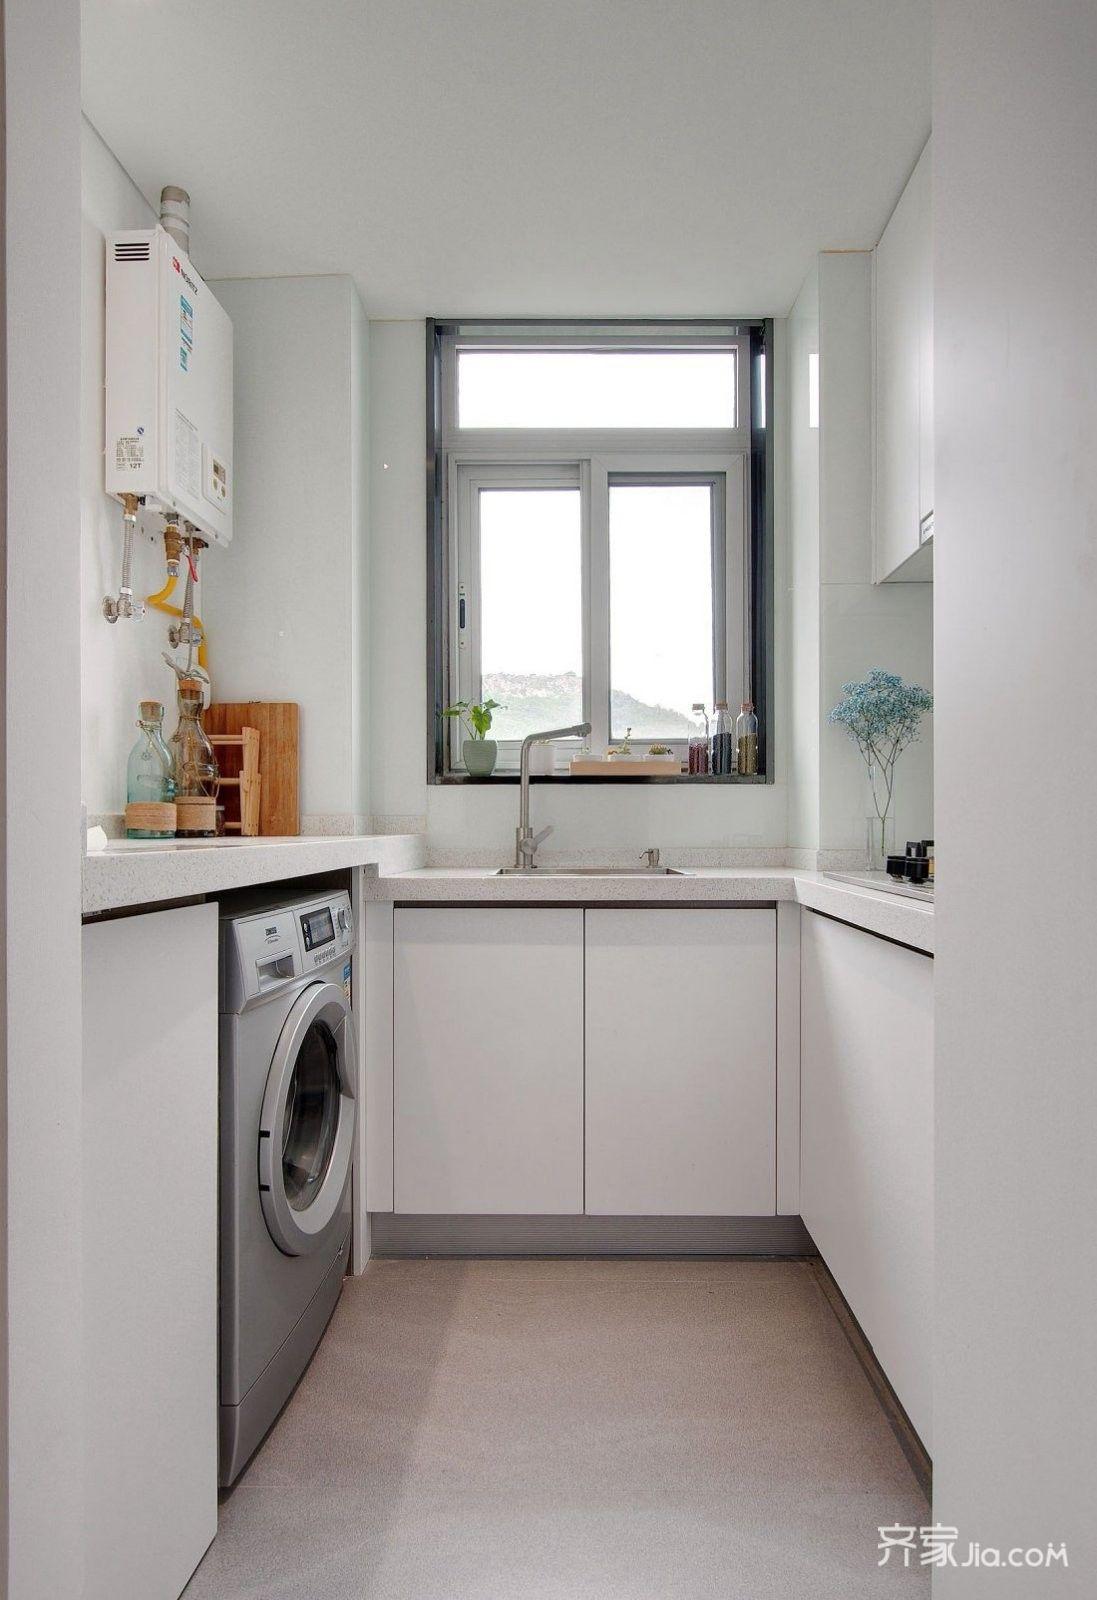 小户型现代风格一居厨房装修效果图